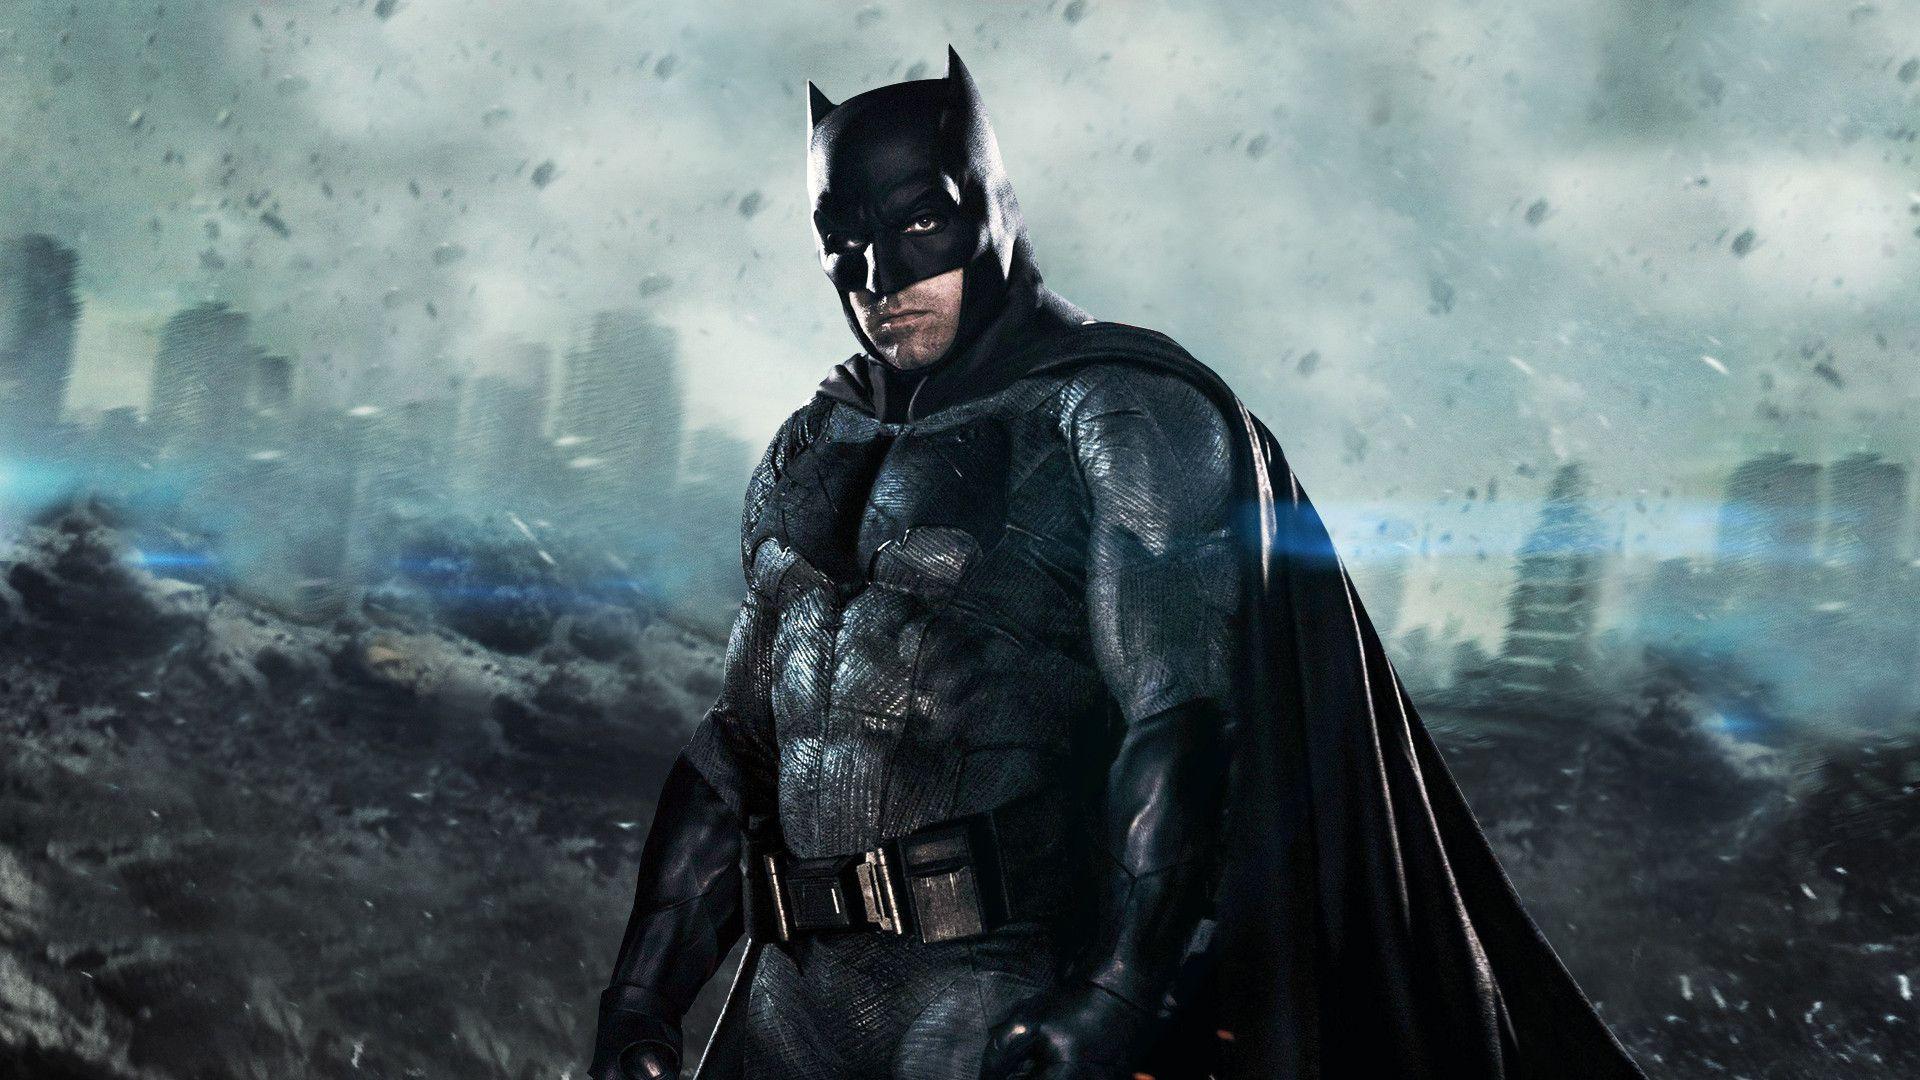 Бен Аффлек может вернуться для будущих проектов в качестве Бэтмена